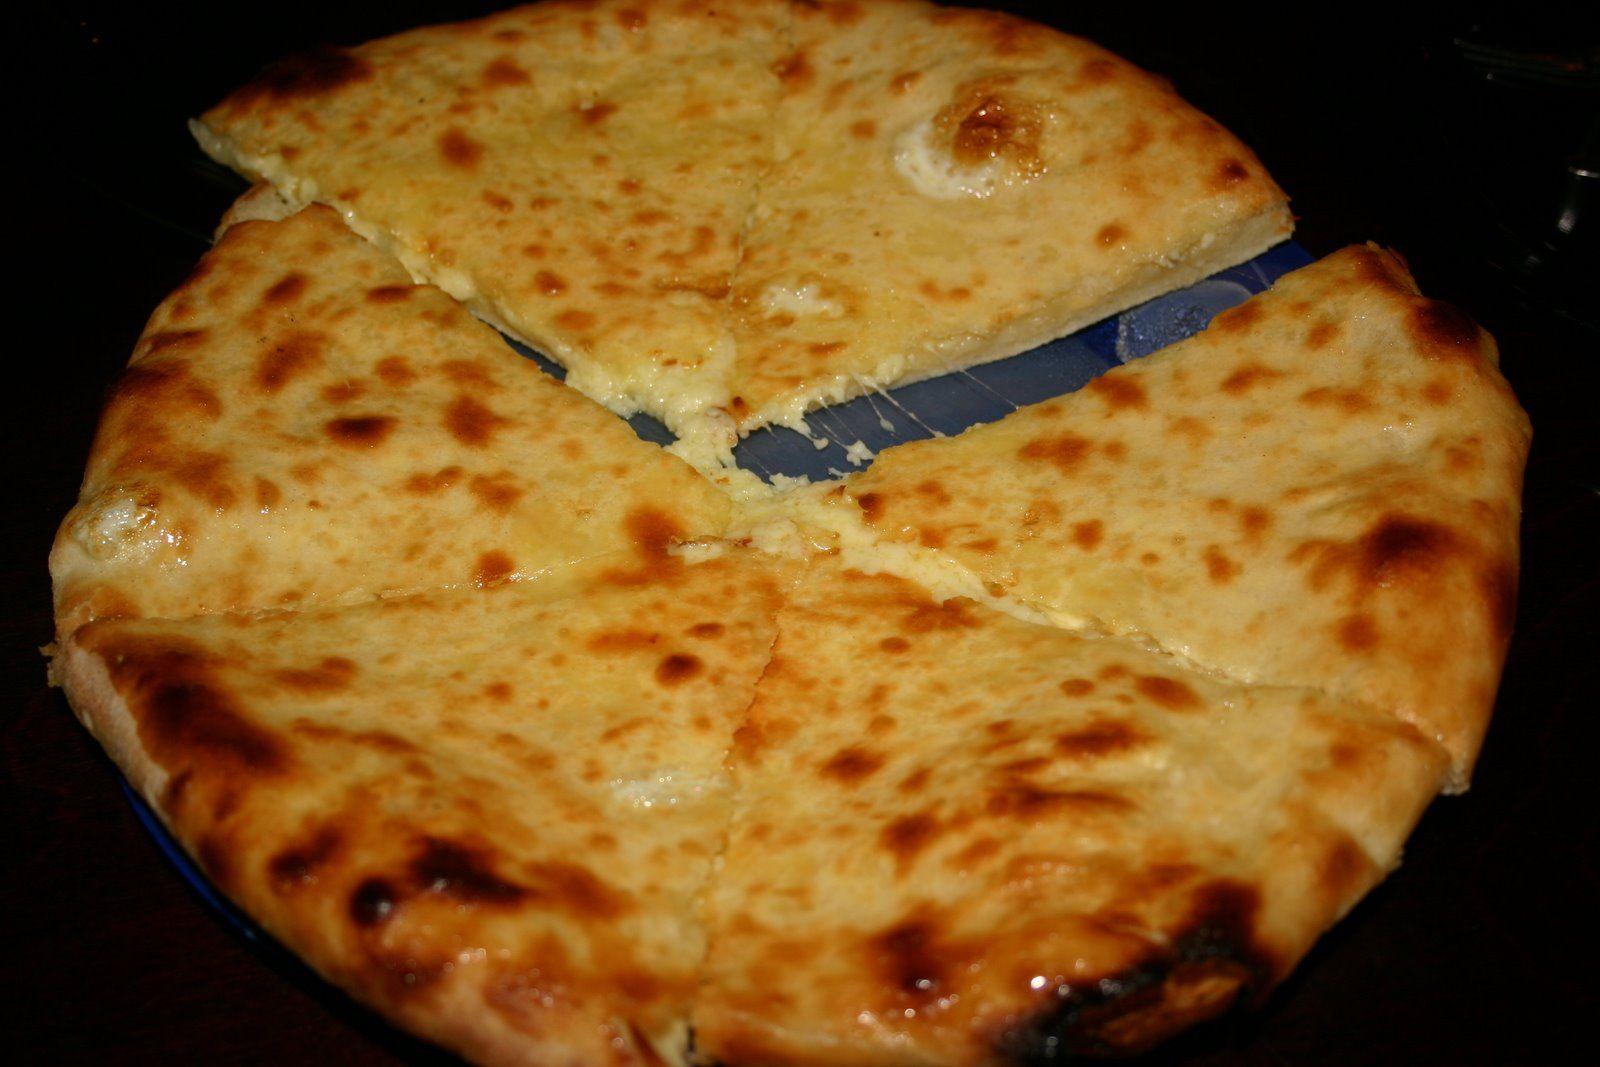 Осетинский пирог с картошкой и сыром рецепт с фото пошагово 41